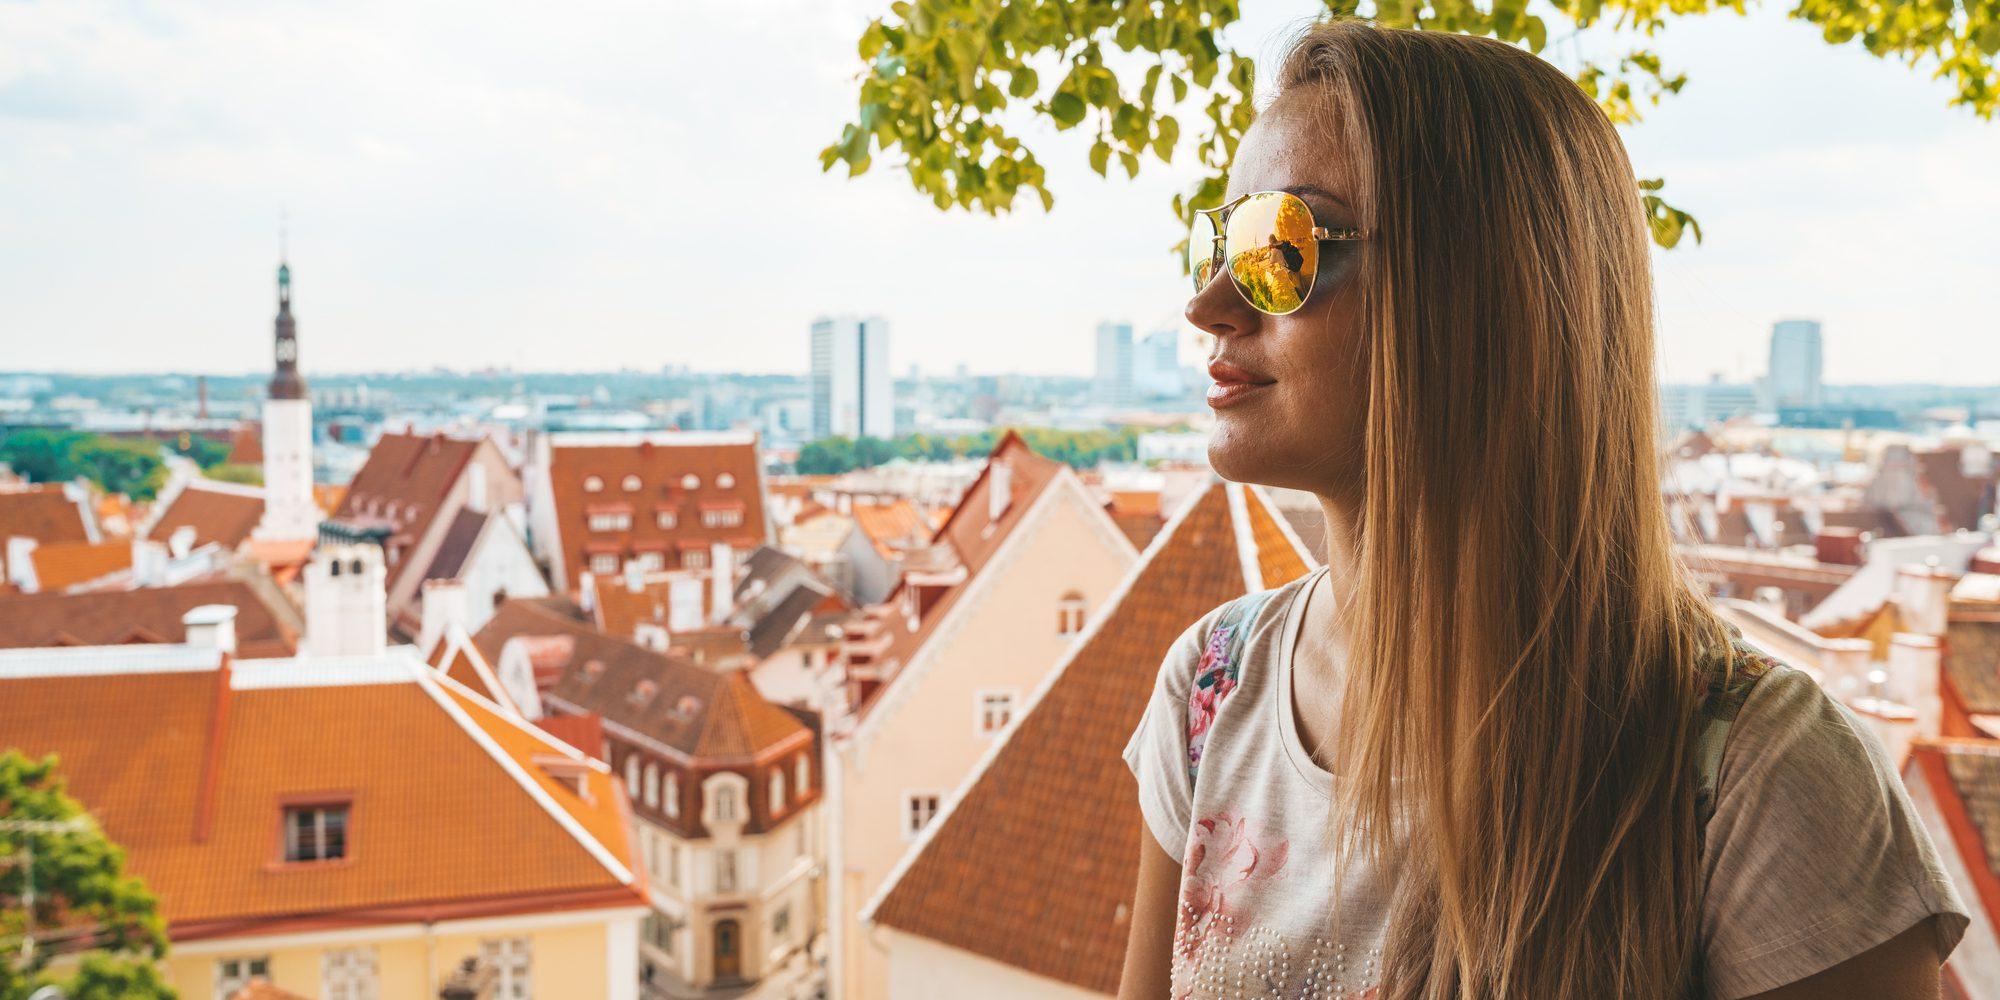 Rencontre femmes estoniennes. Site de rencontres estoniennes gratuit.